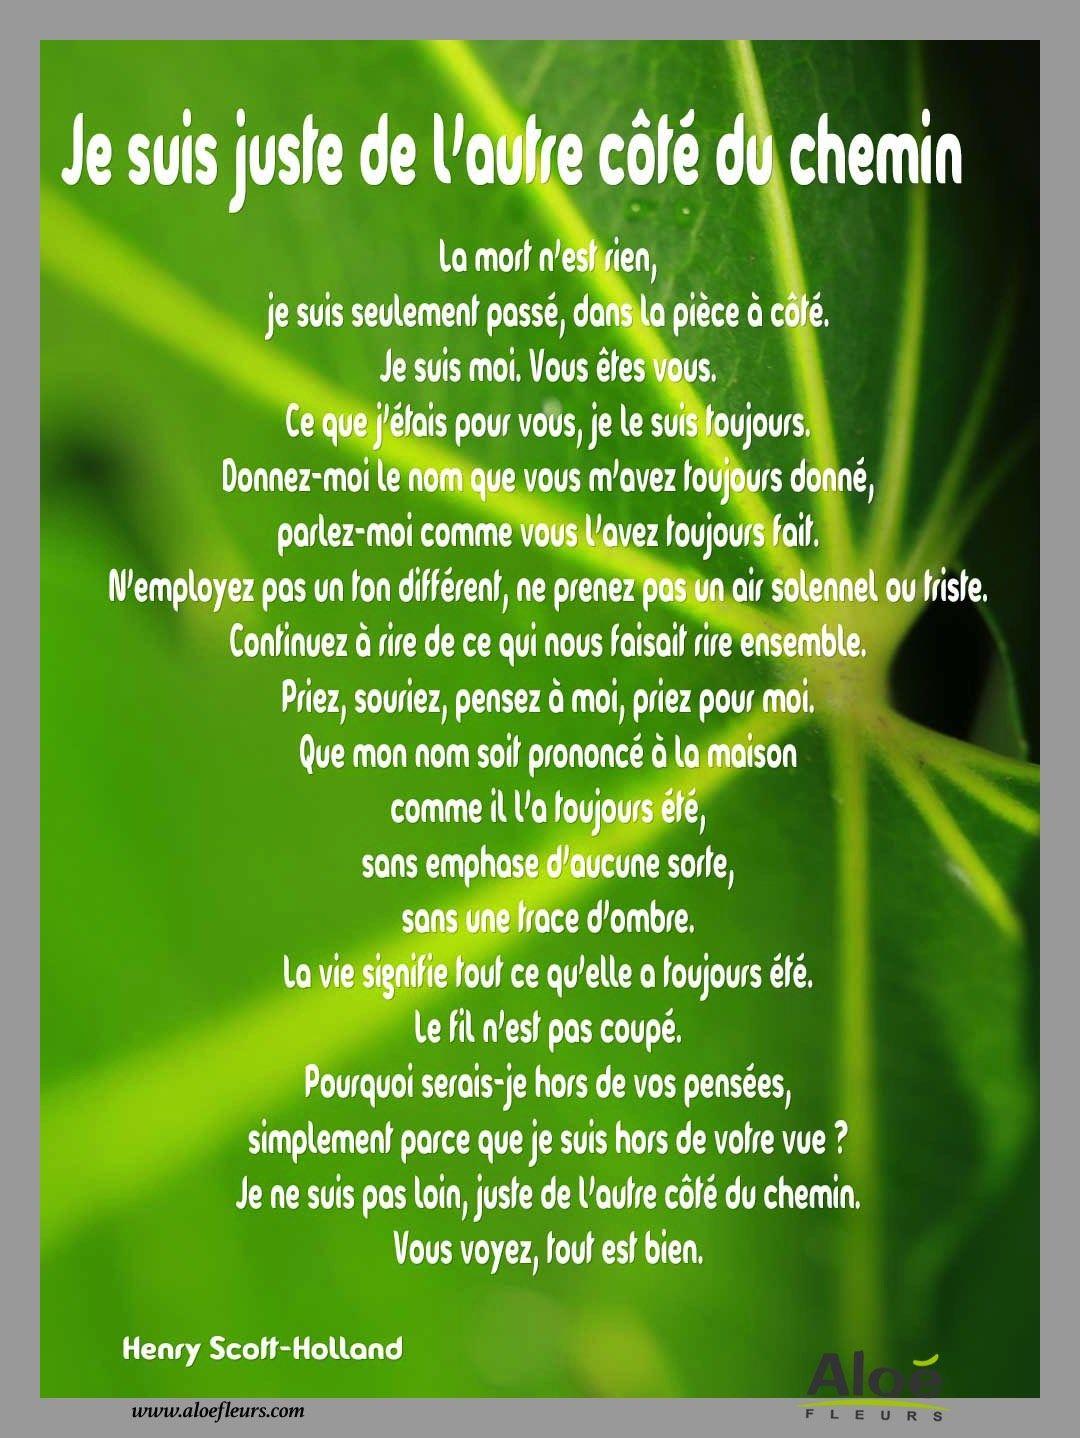 Poeme Pour Le Deces D Une Grand Mere : poeme, deces, grand, Messages,, Citations,, Poèmes, Deuil, FLEURS, Citation, Deuil,, Décès,, Citations